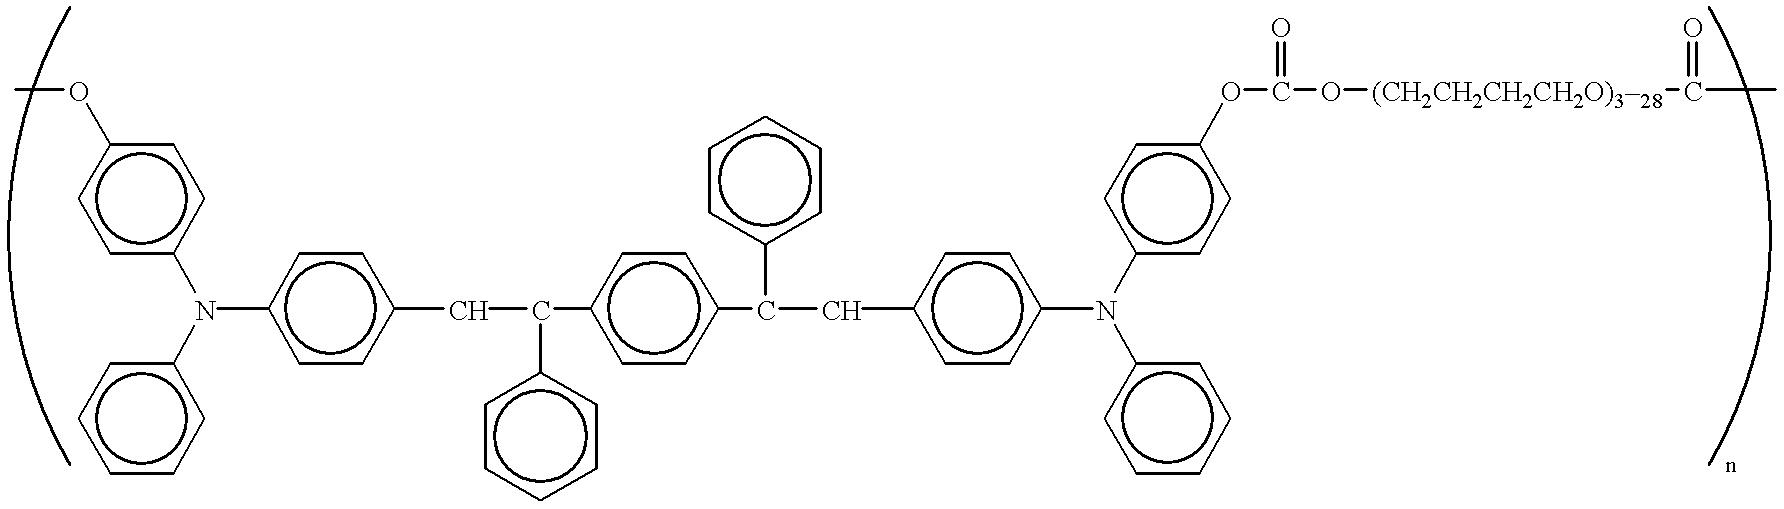 Figure US06558863-20030506-C00049